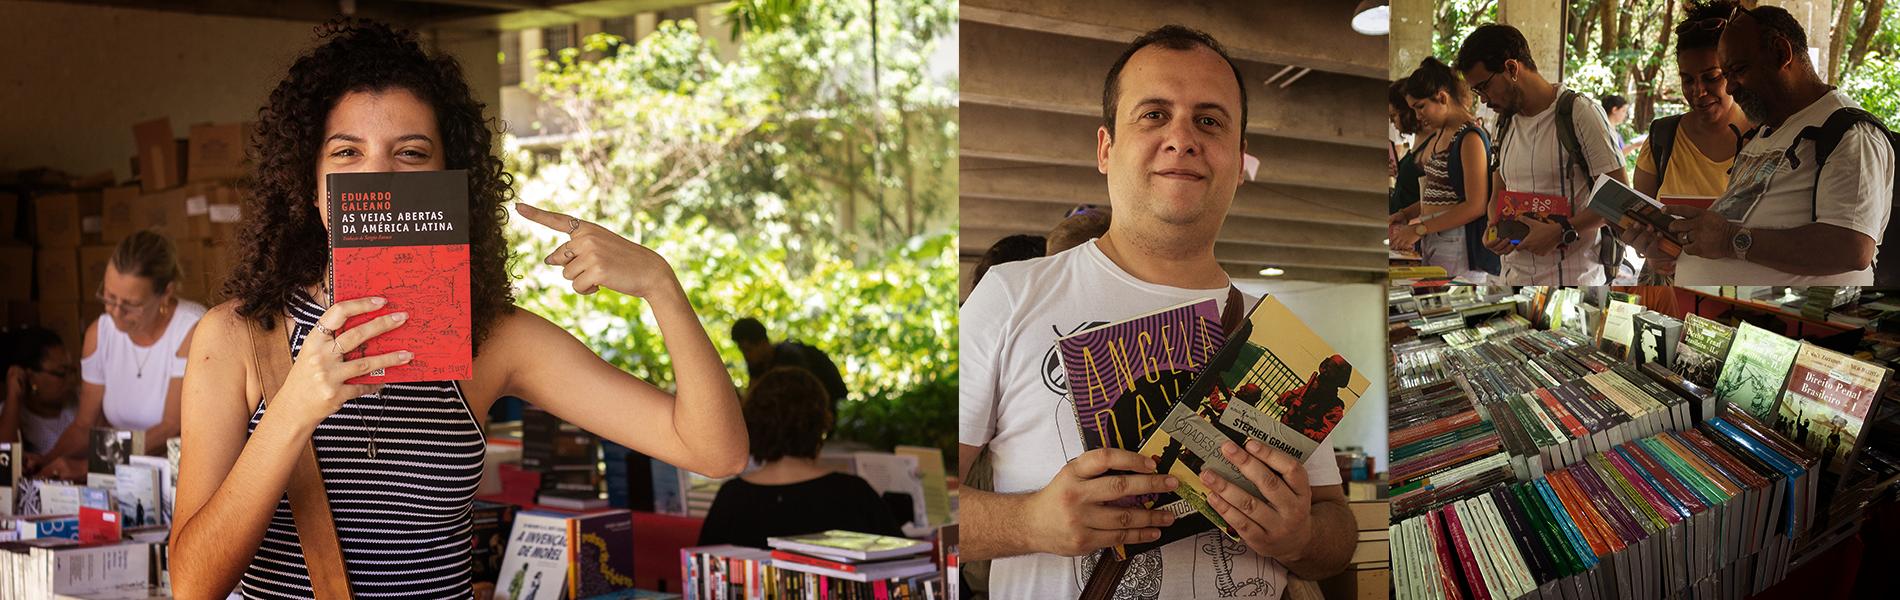 Imagem: mosaico de fotos com pessoas segurando e olhando para os livros da feira